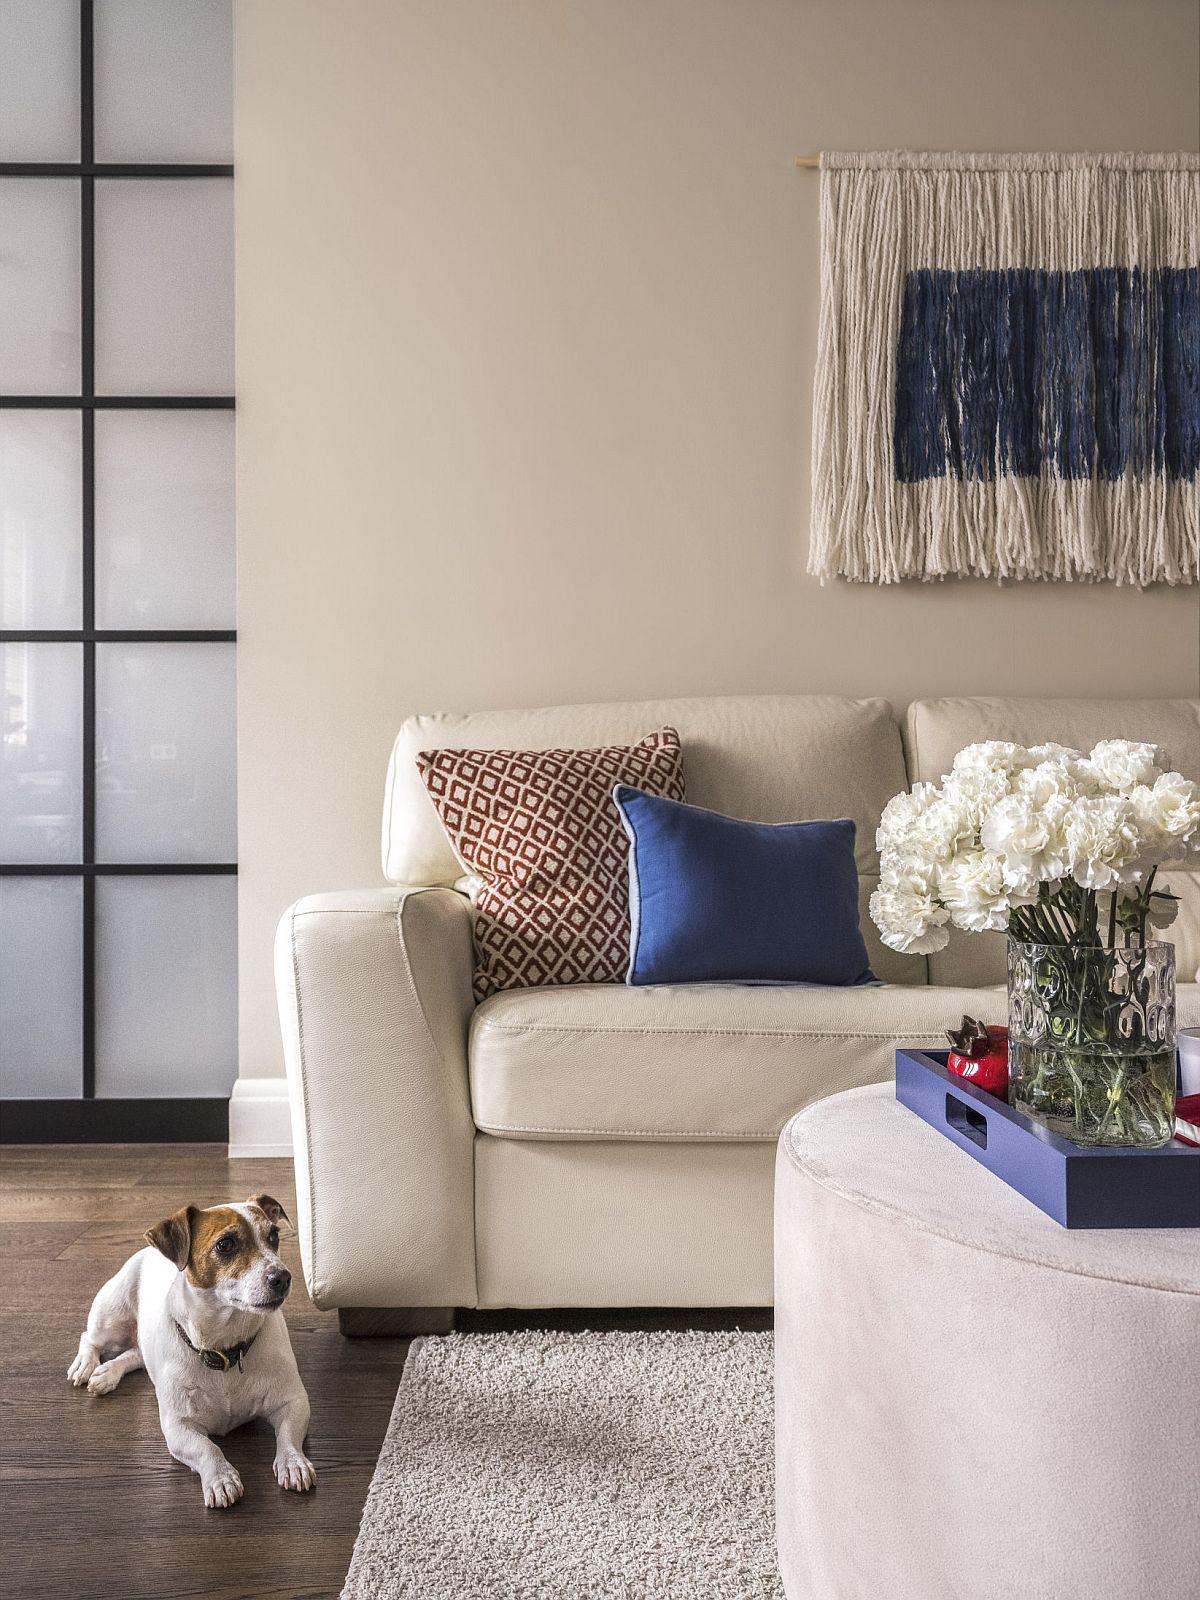 Combinația de culori pentru toată locuința este de gri cald-albastru, lemn și accente de albastru. În fiecare încăpere designerii s-au jucat cu dozarea nuanțelor pentru a creiona o atmosferă calmă liniștitoare.